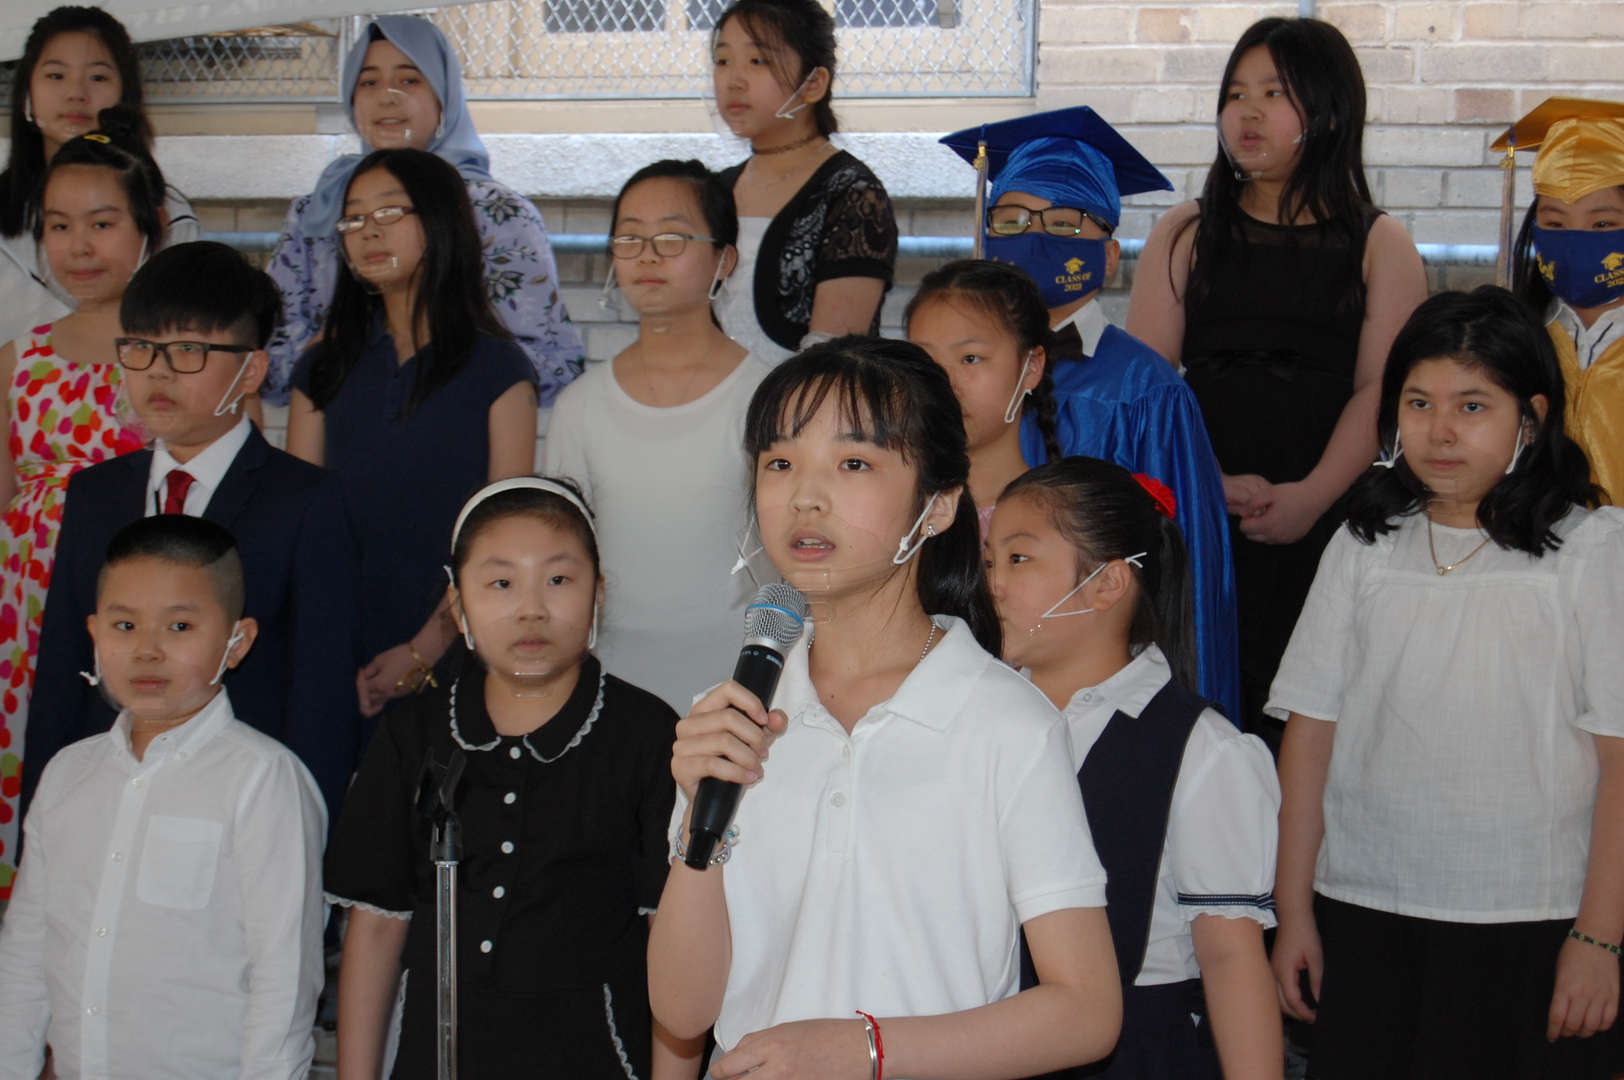 Kids singing in the school chorus.